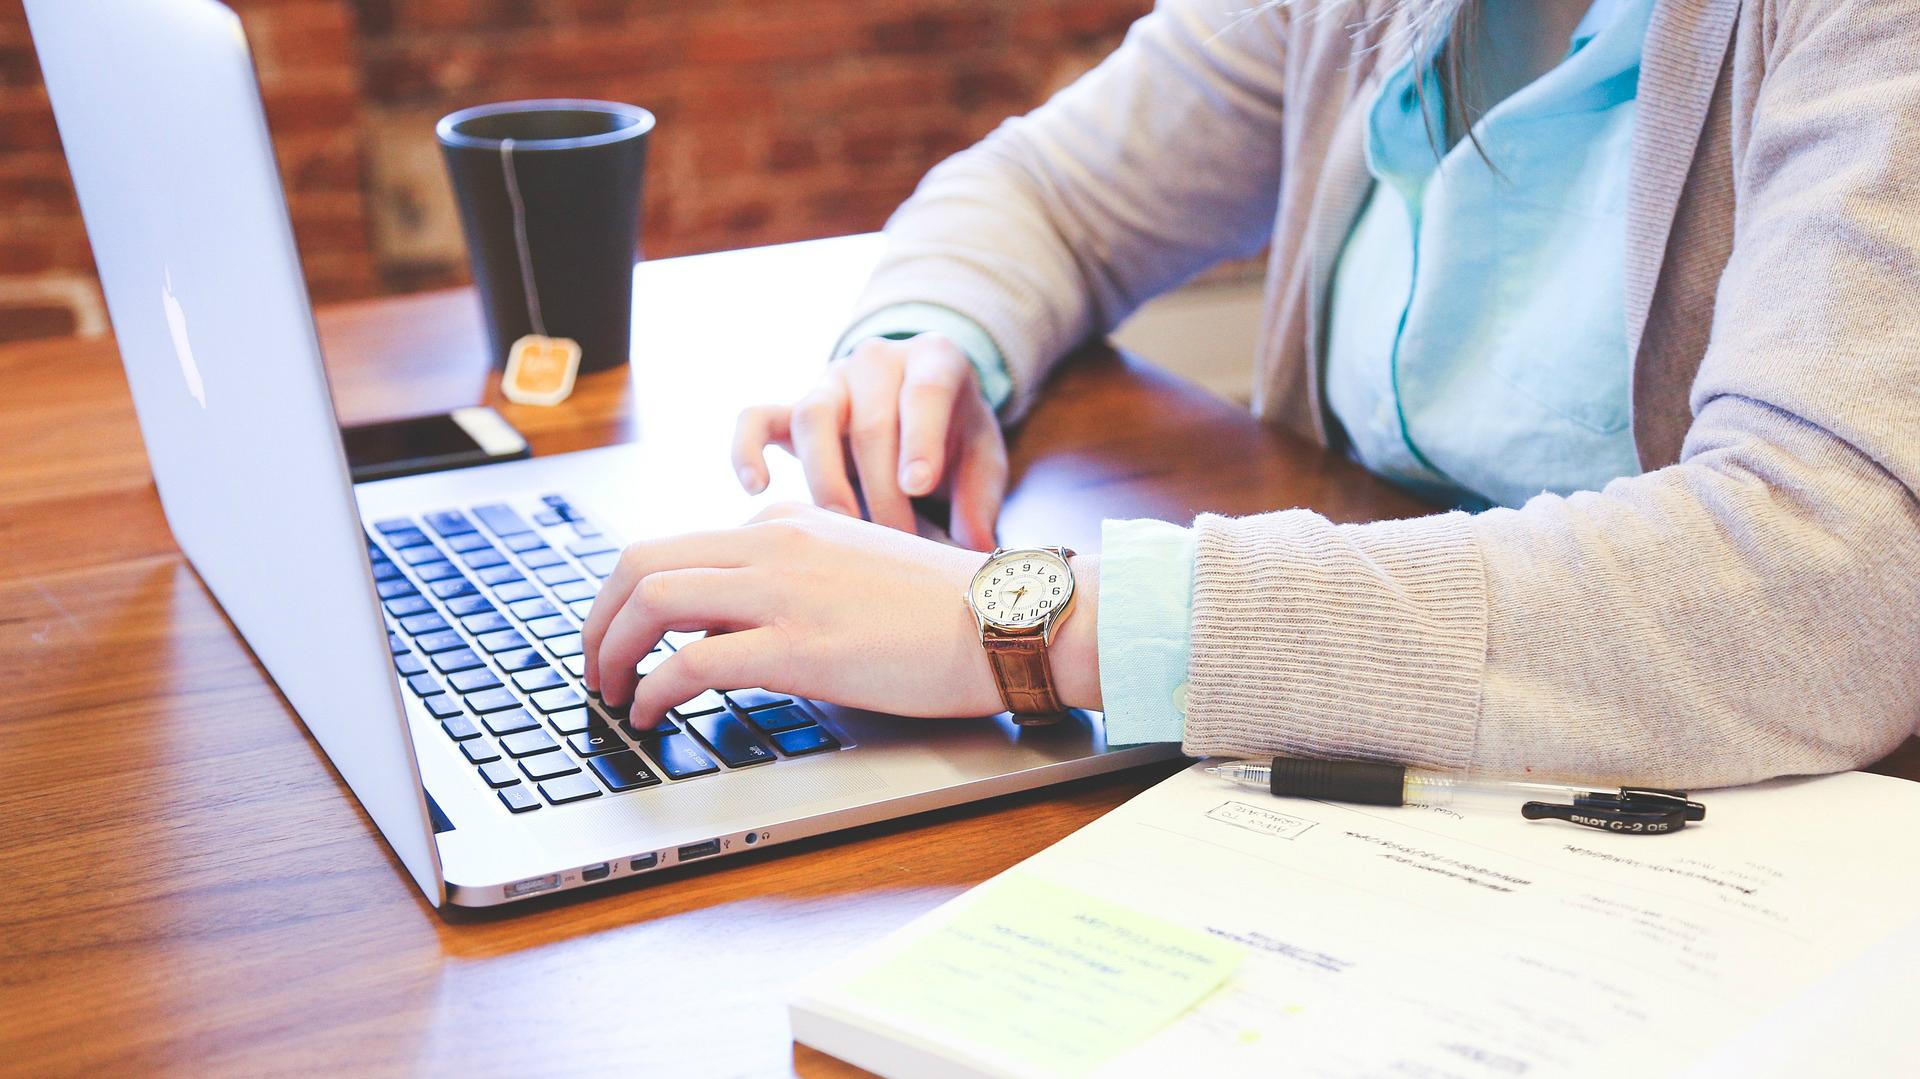 iemācīties nopelnīt tiešsaistē kurš cik nopelna tirdzniecībā